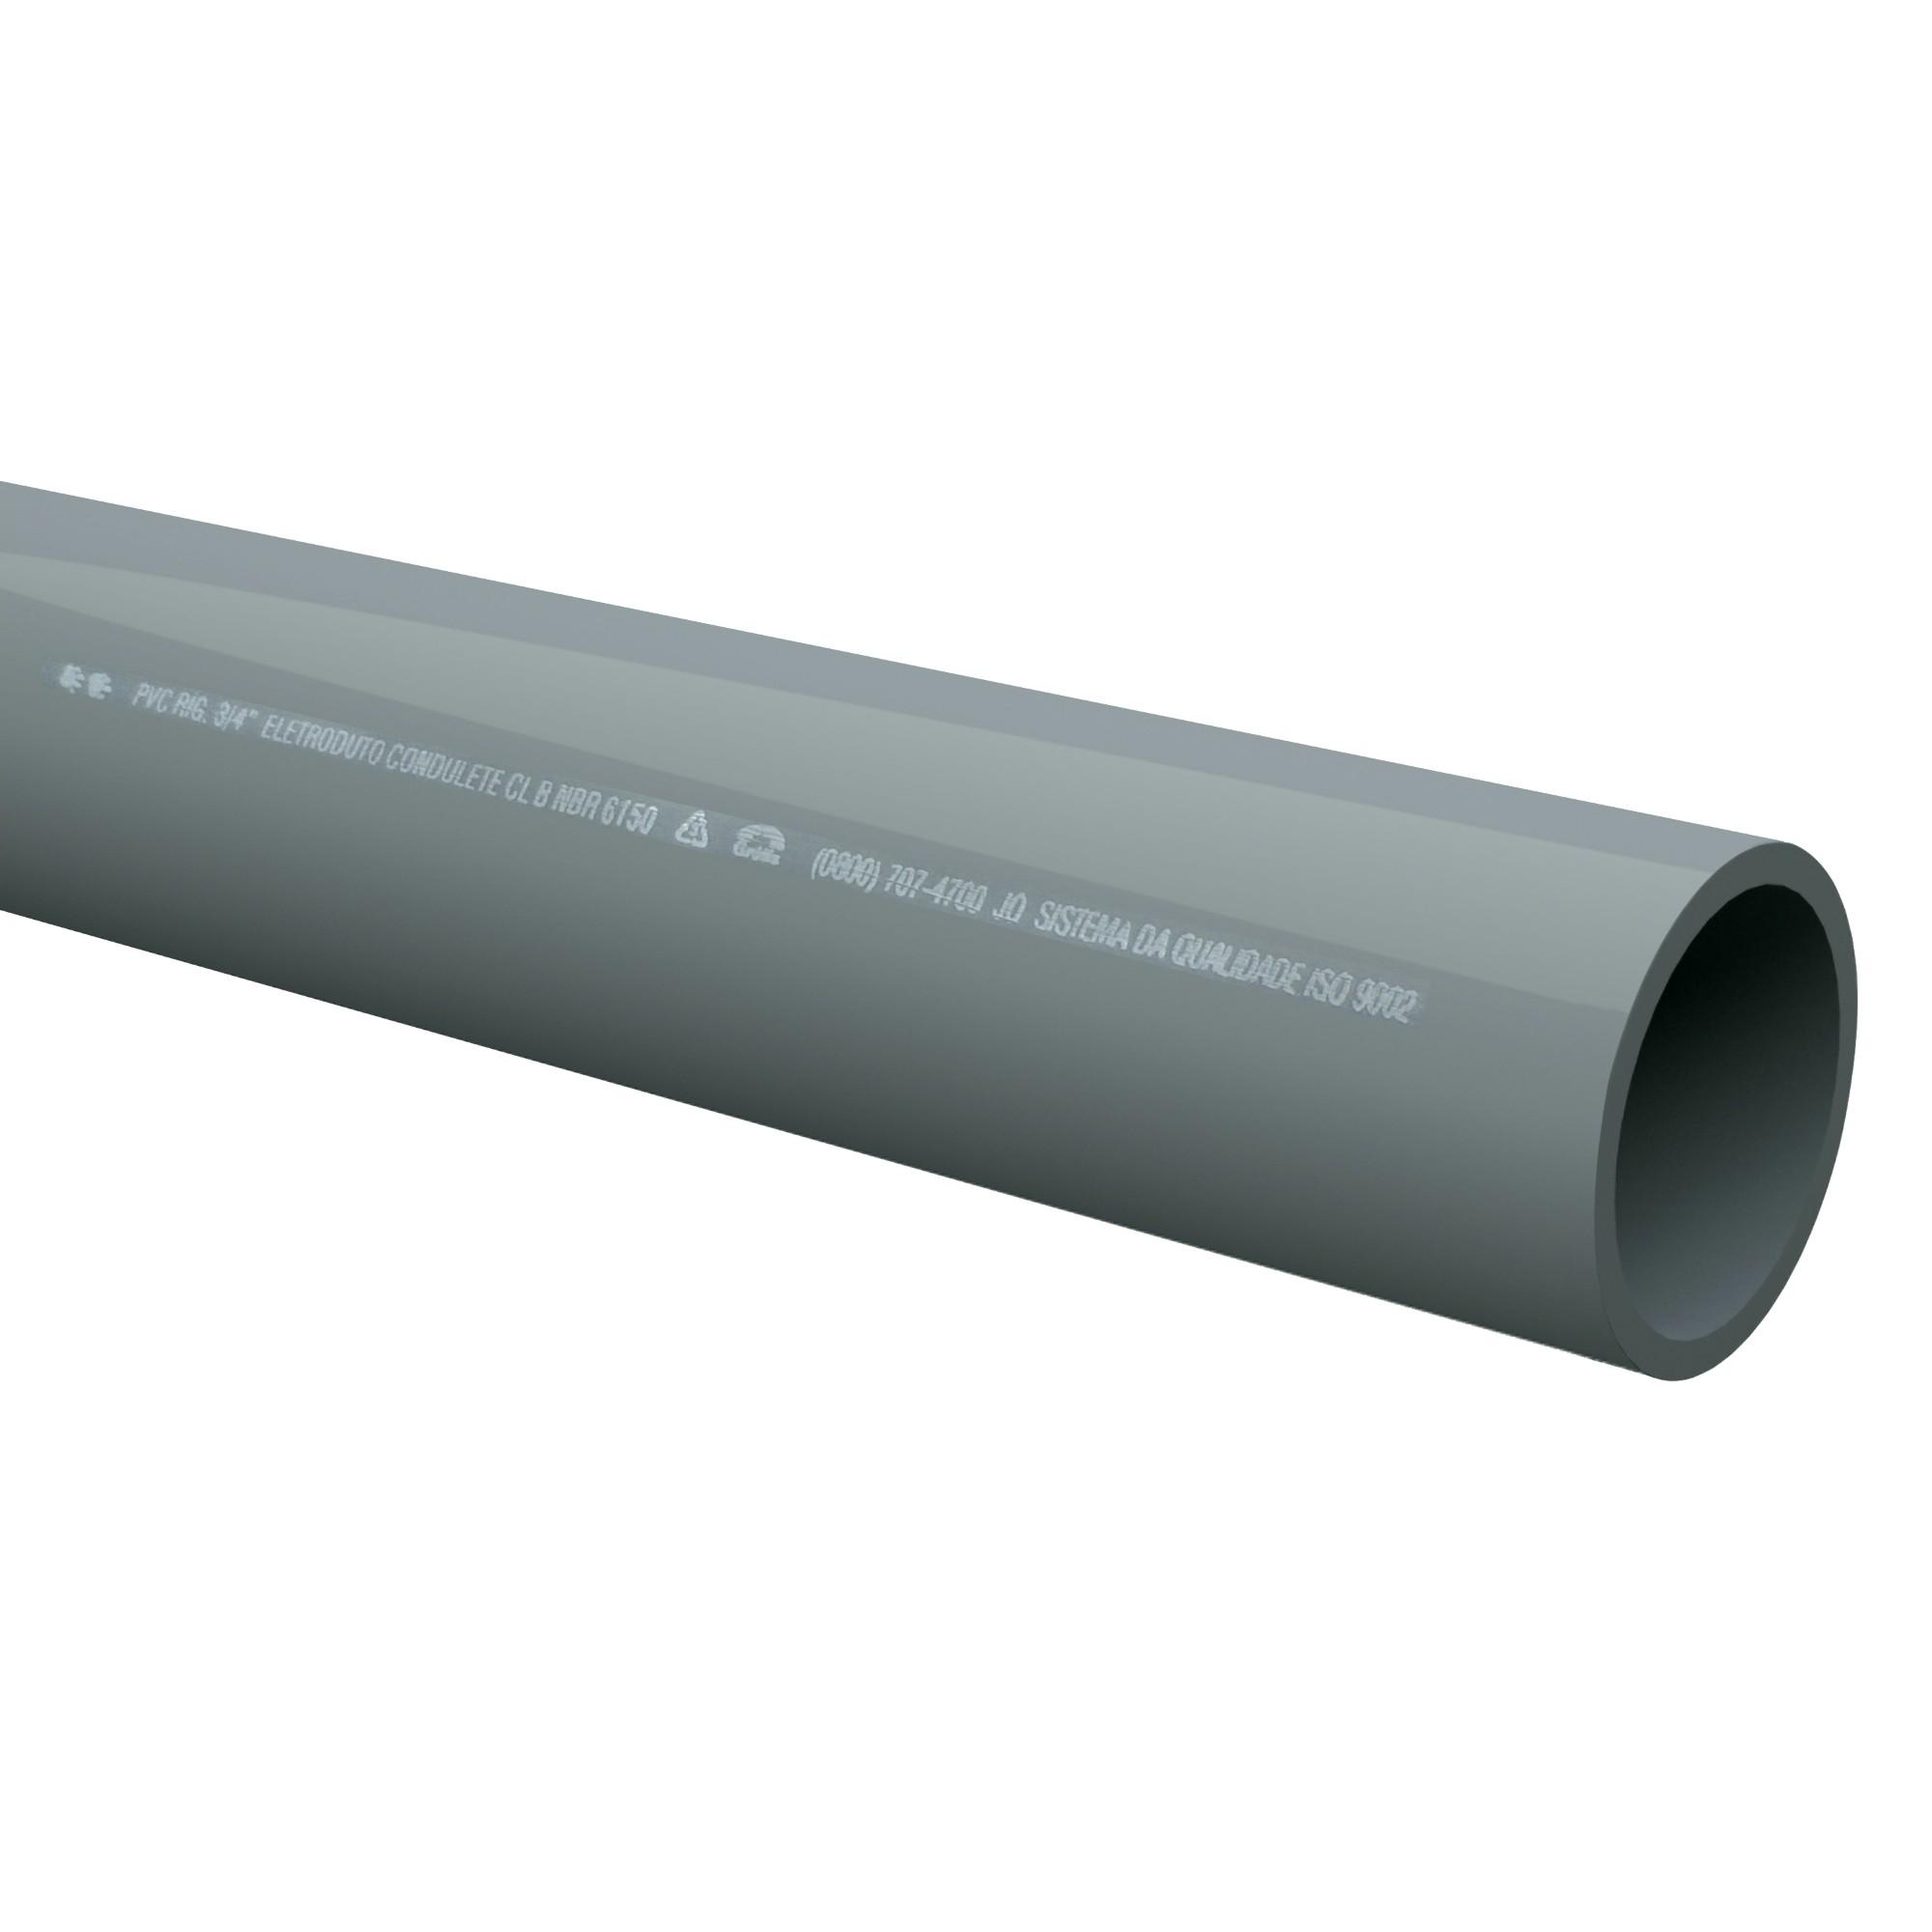 Eletroduto Rigido PVC Sem Rosca 34 30m - Tigre